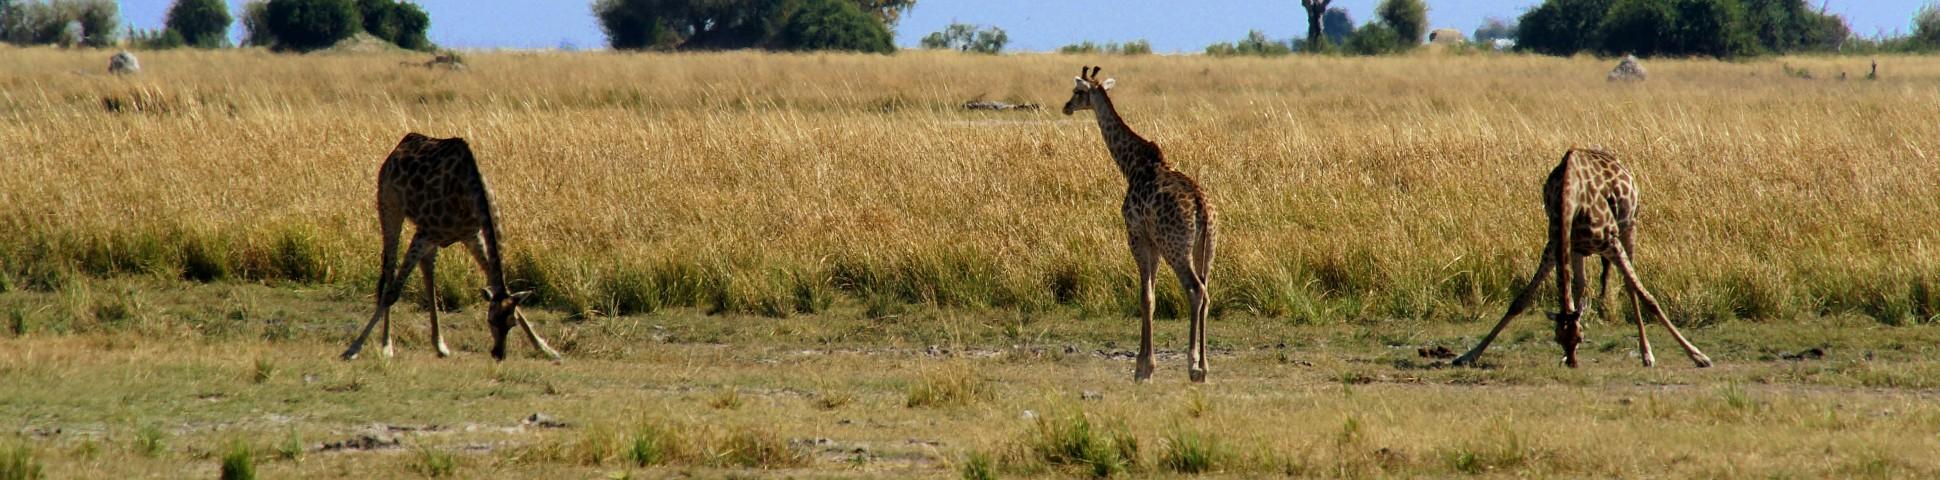 Three funny giraffes in Okavango-Chobe (Botswana)